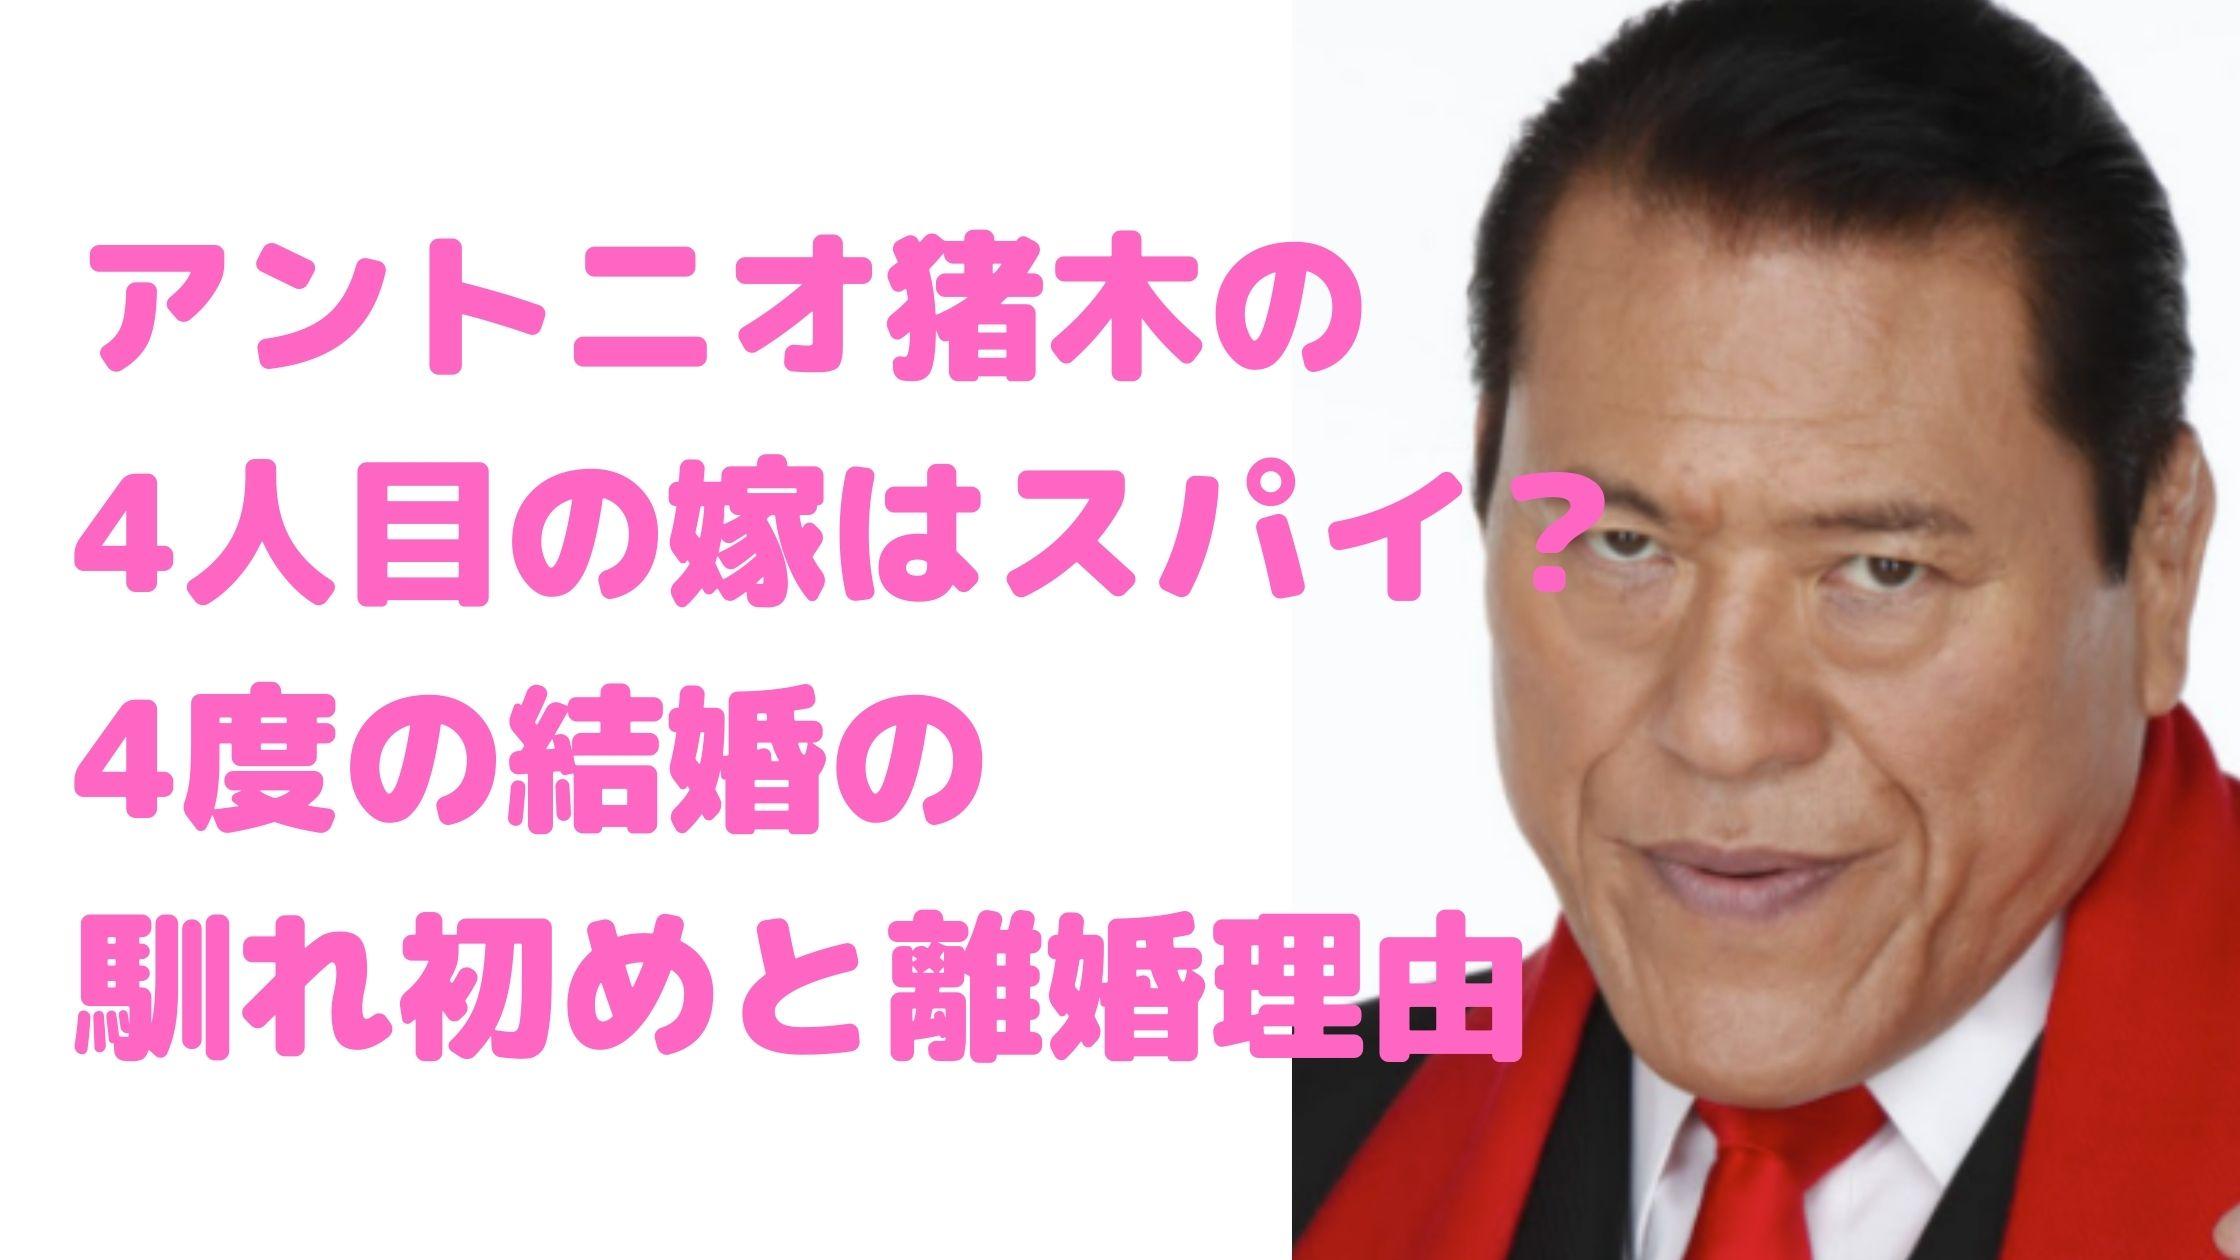 アントニオ猪木 嫁 尚子 死因 倍賞美津子 リンダ 橋本田鶴子 離婚理由 馴れ初め